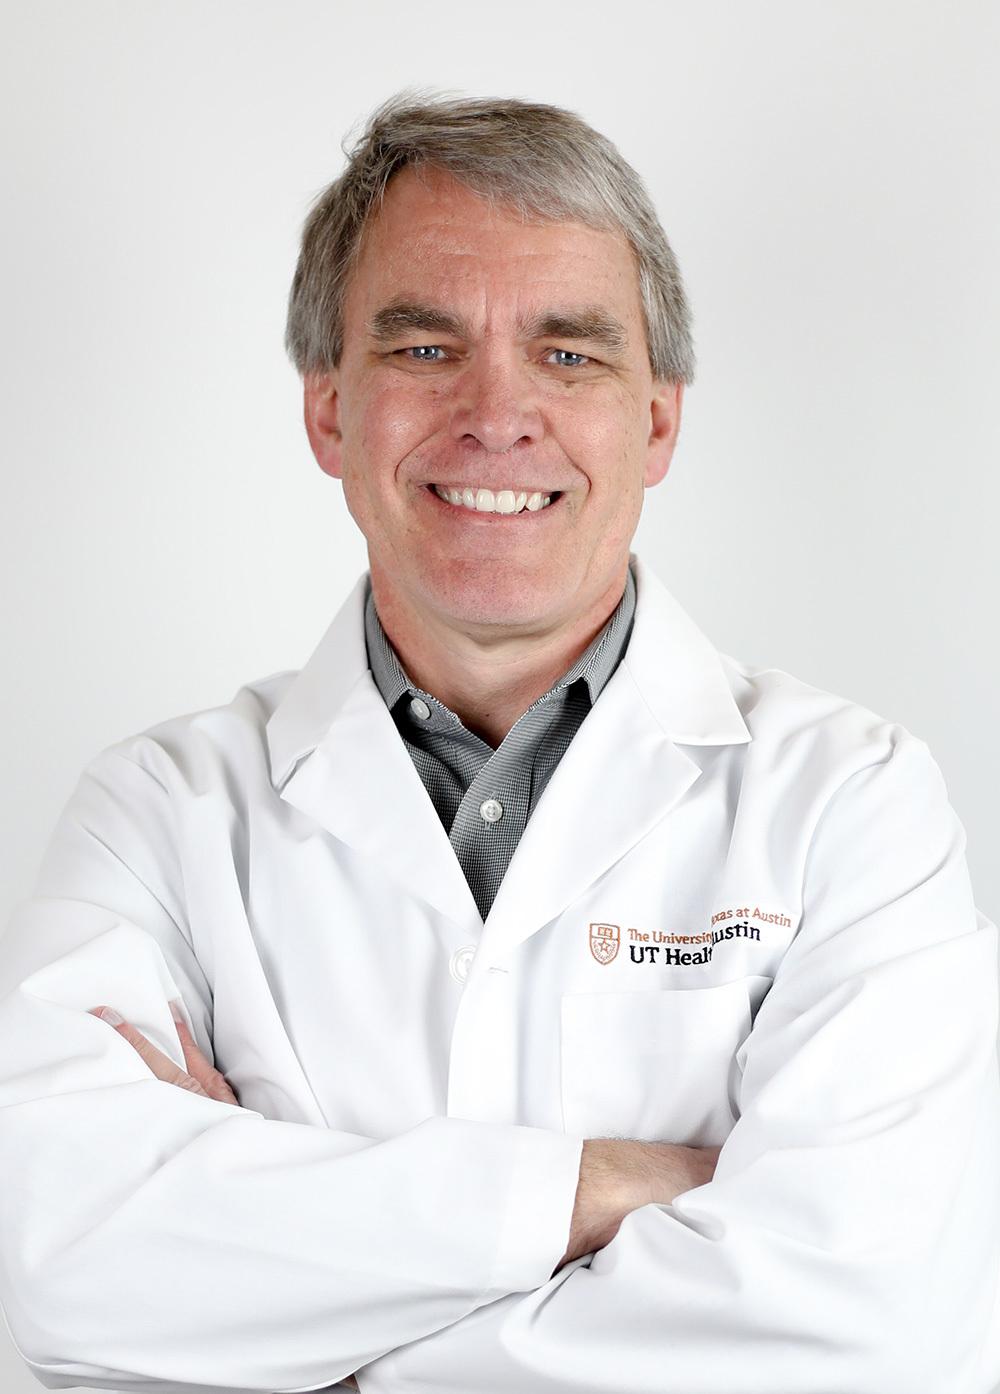 Stephen Strakowski at UT Health Austin